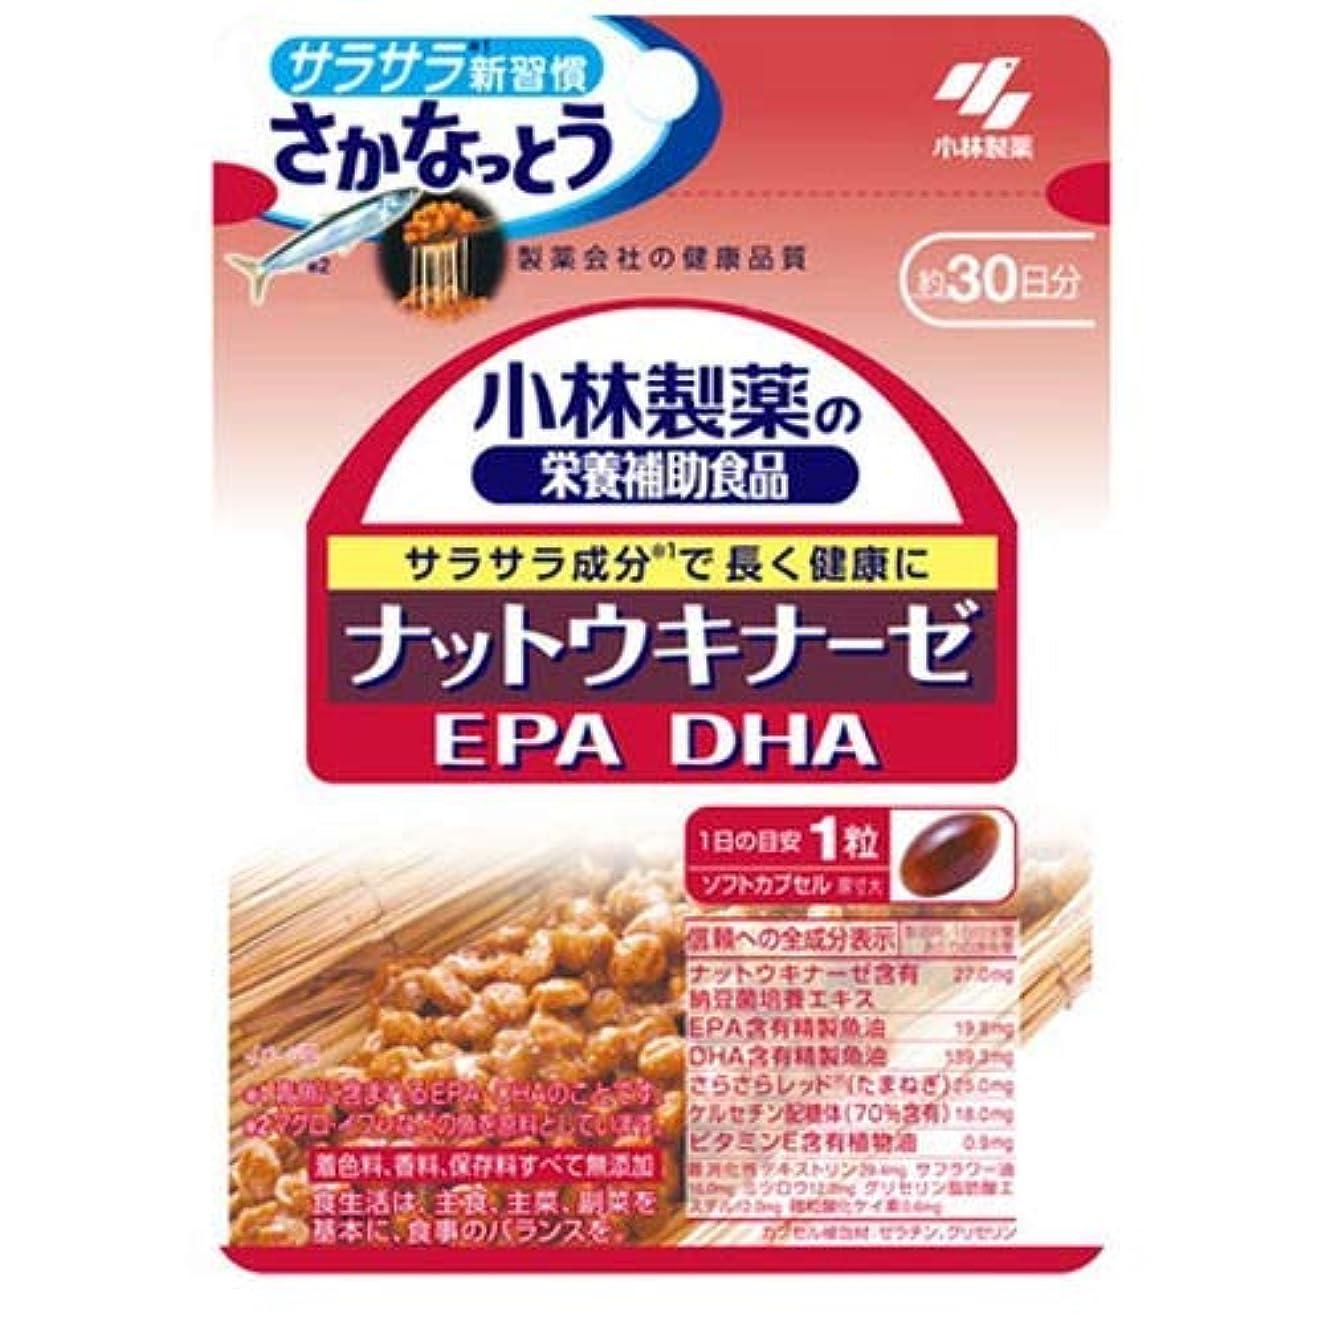 言うまでもなく副産物前投薬小林製薬 ナットウキナーゼ EPA/DHA 30粒 [メール便対応商品]